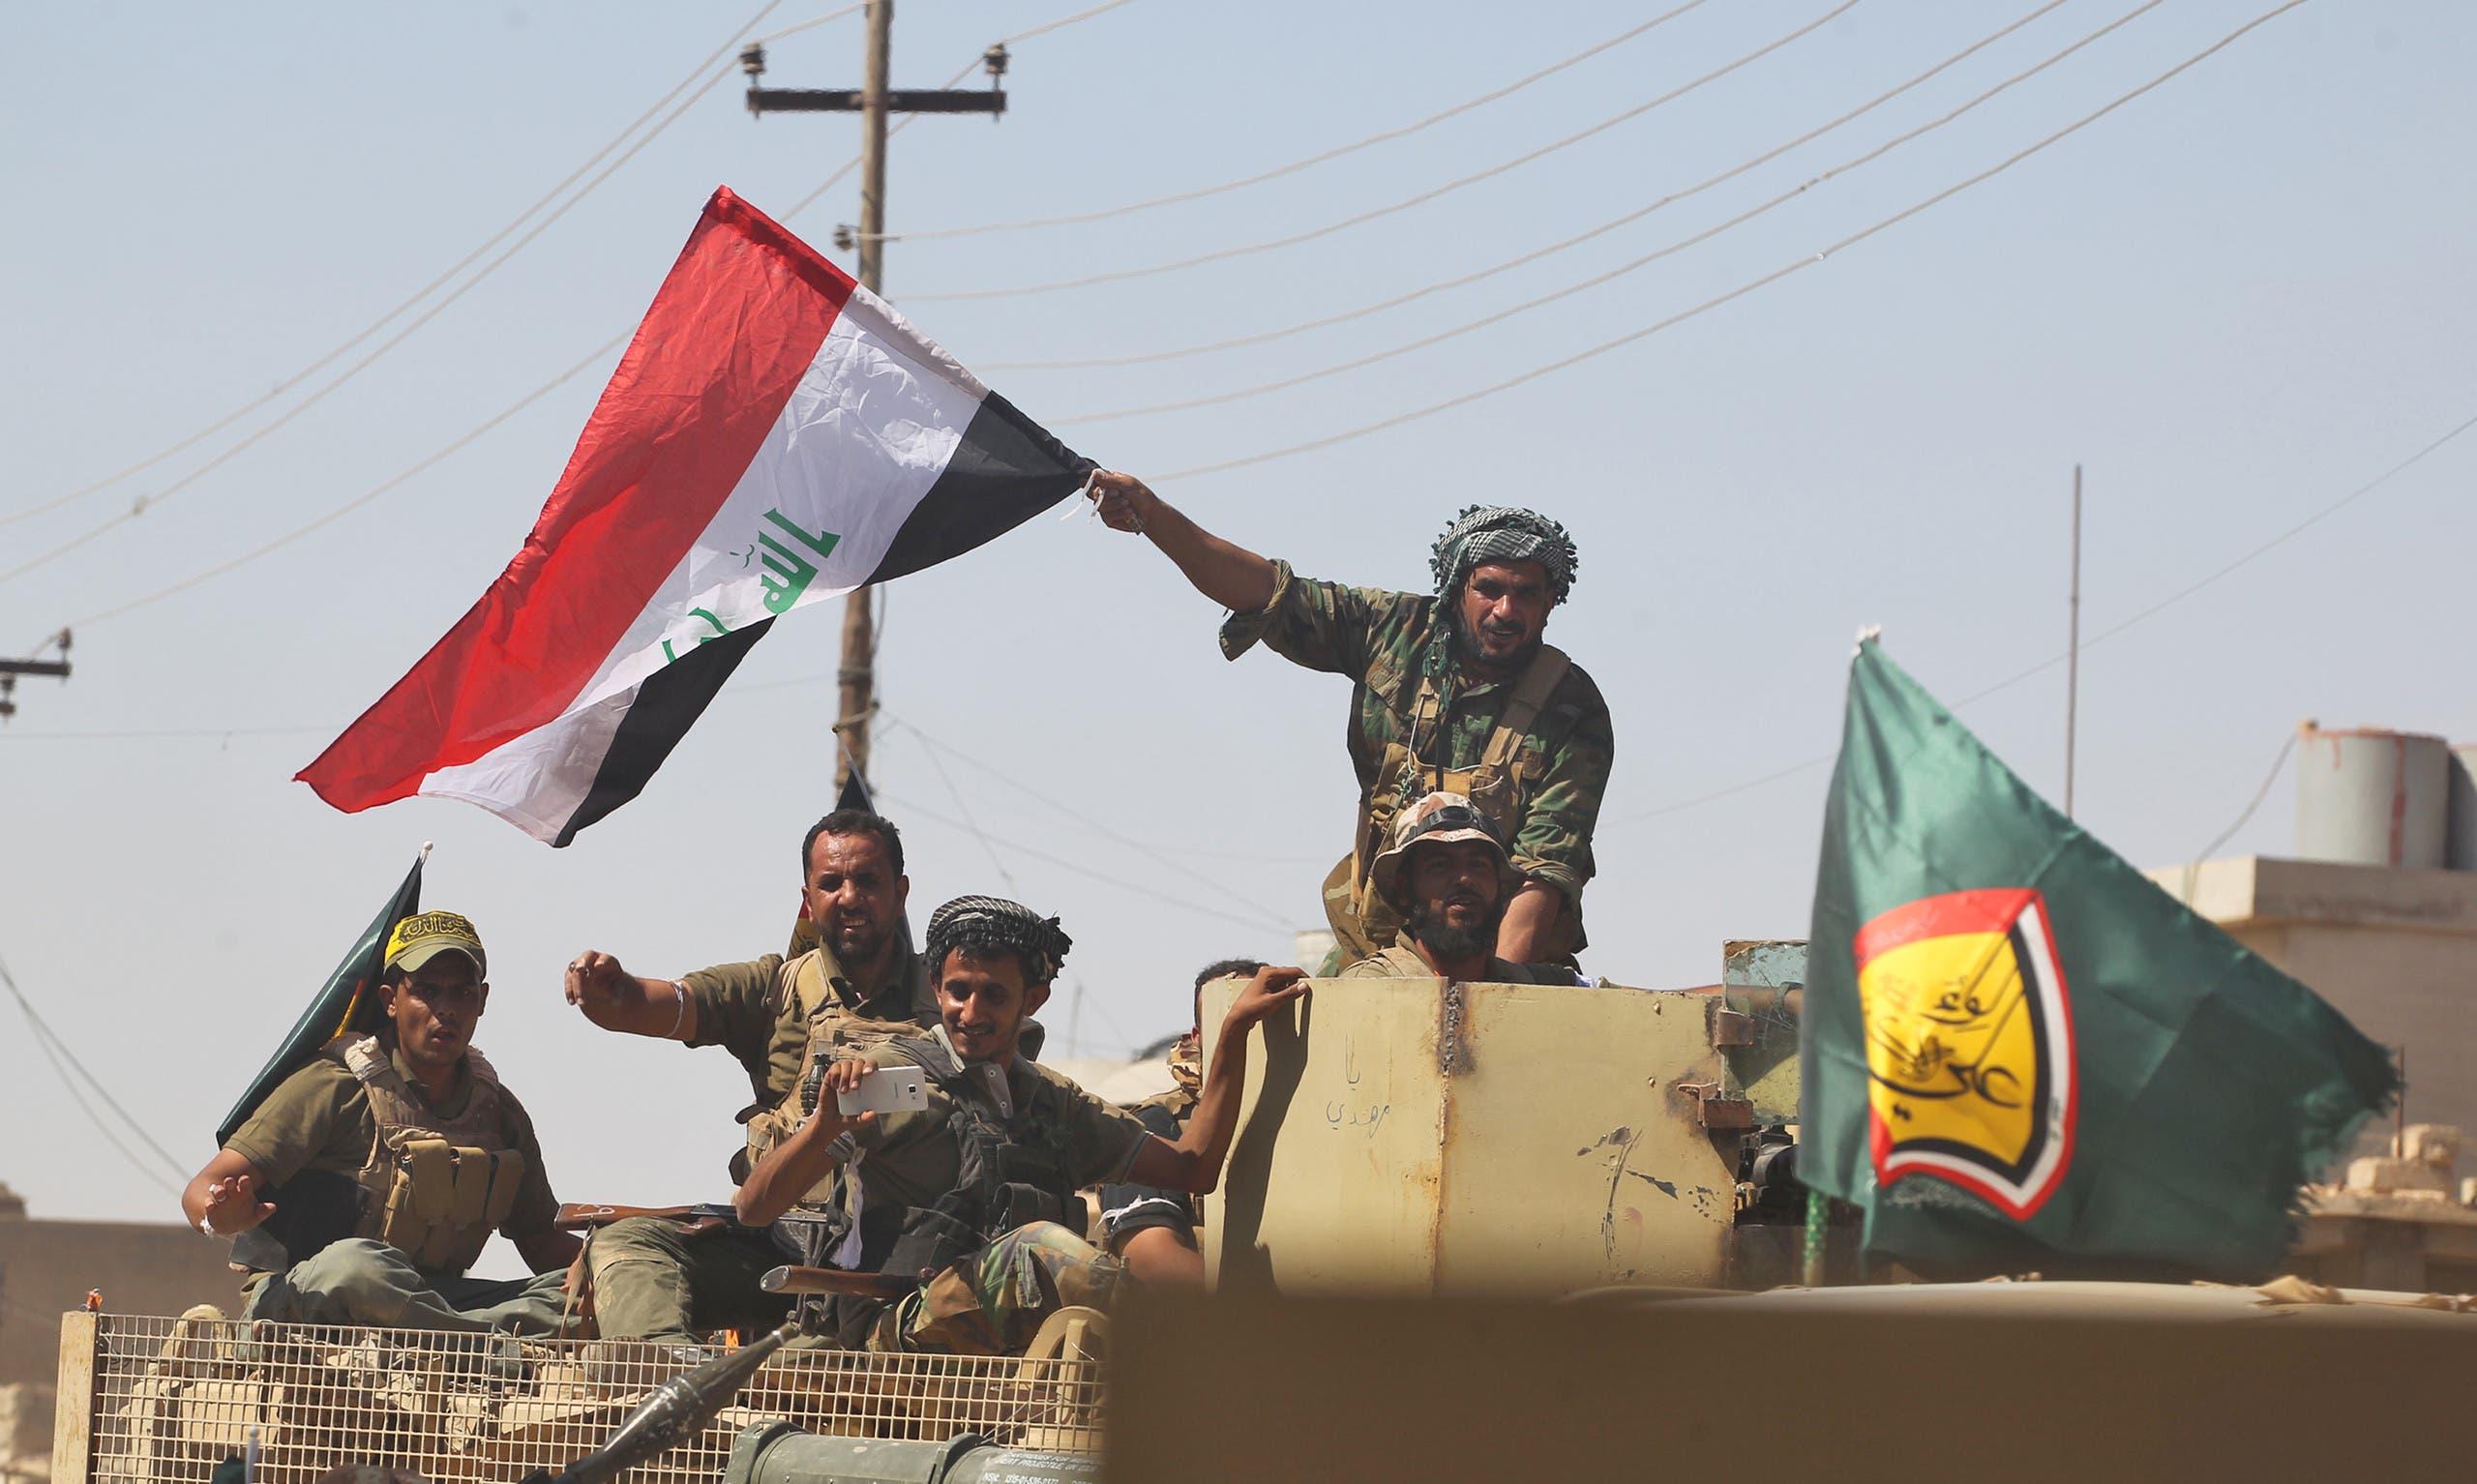 عناصر من الحشد الشعبي في العراق (أرشيفية)